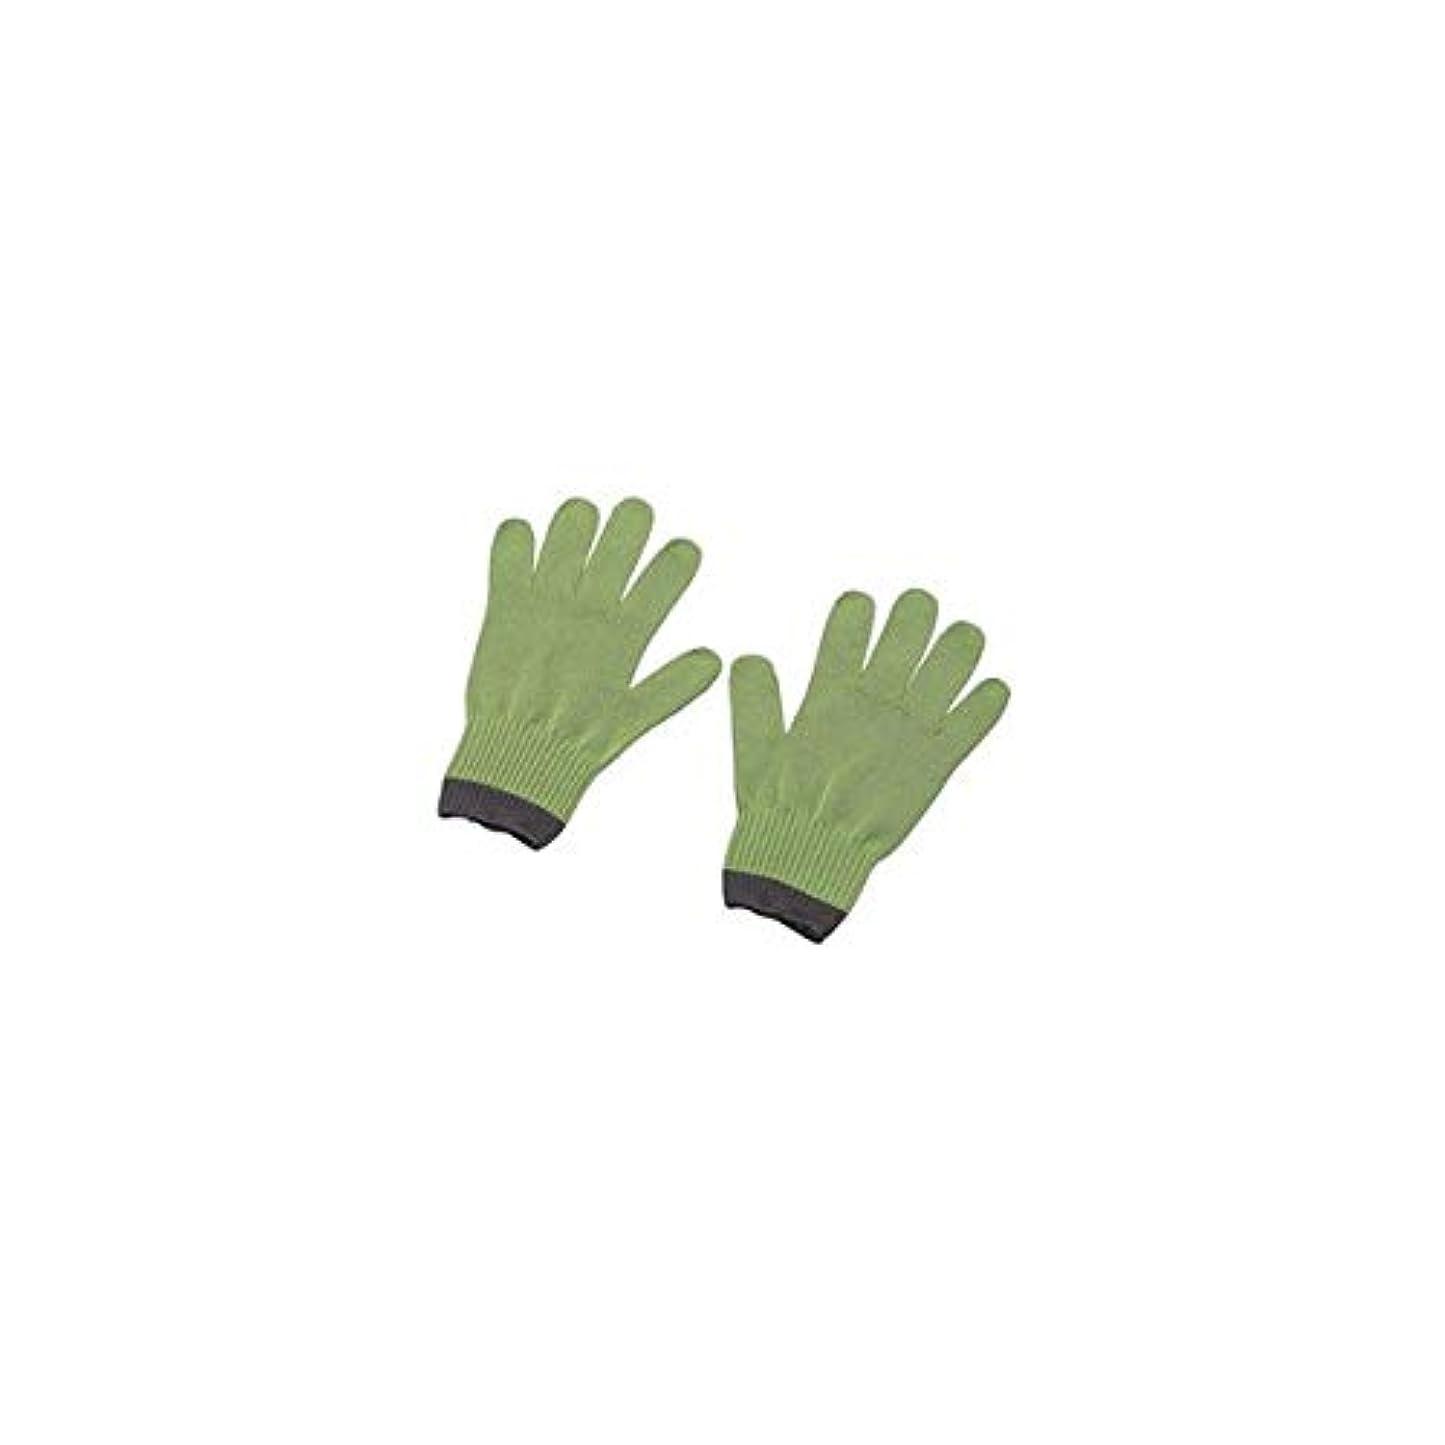 解釈的受取人九時四十五分アラミド手袋MEGG-90 洗剤?消耗品 CD:378203